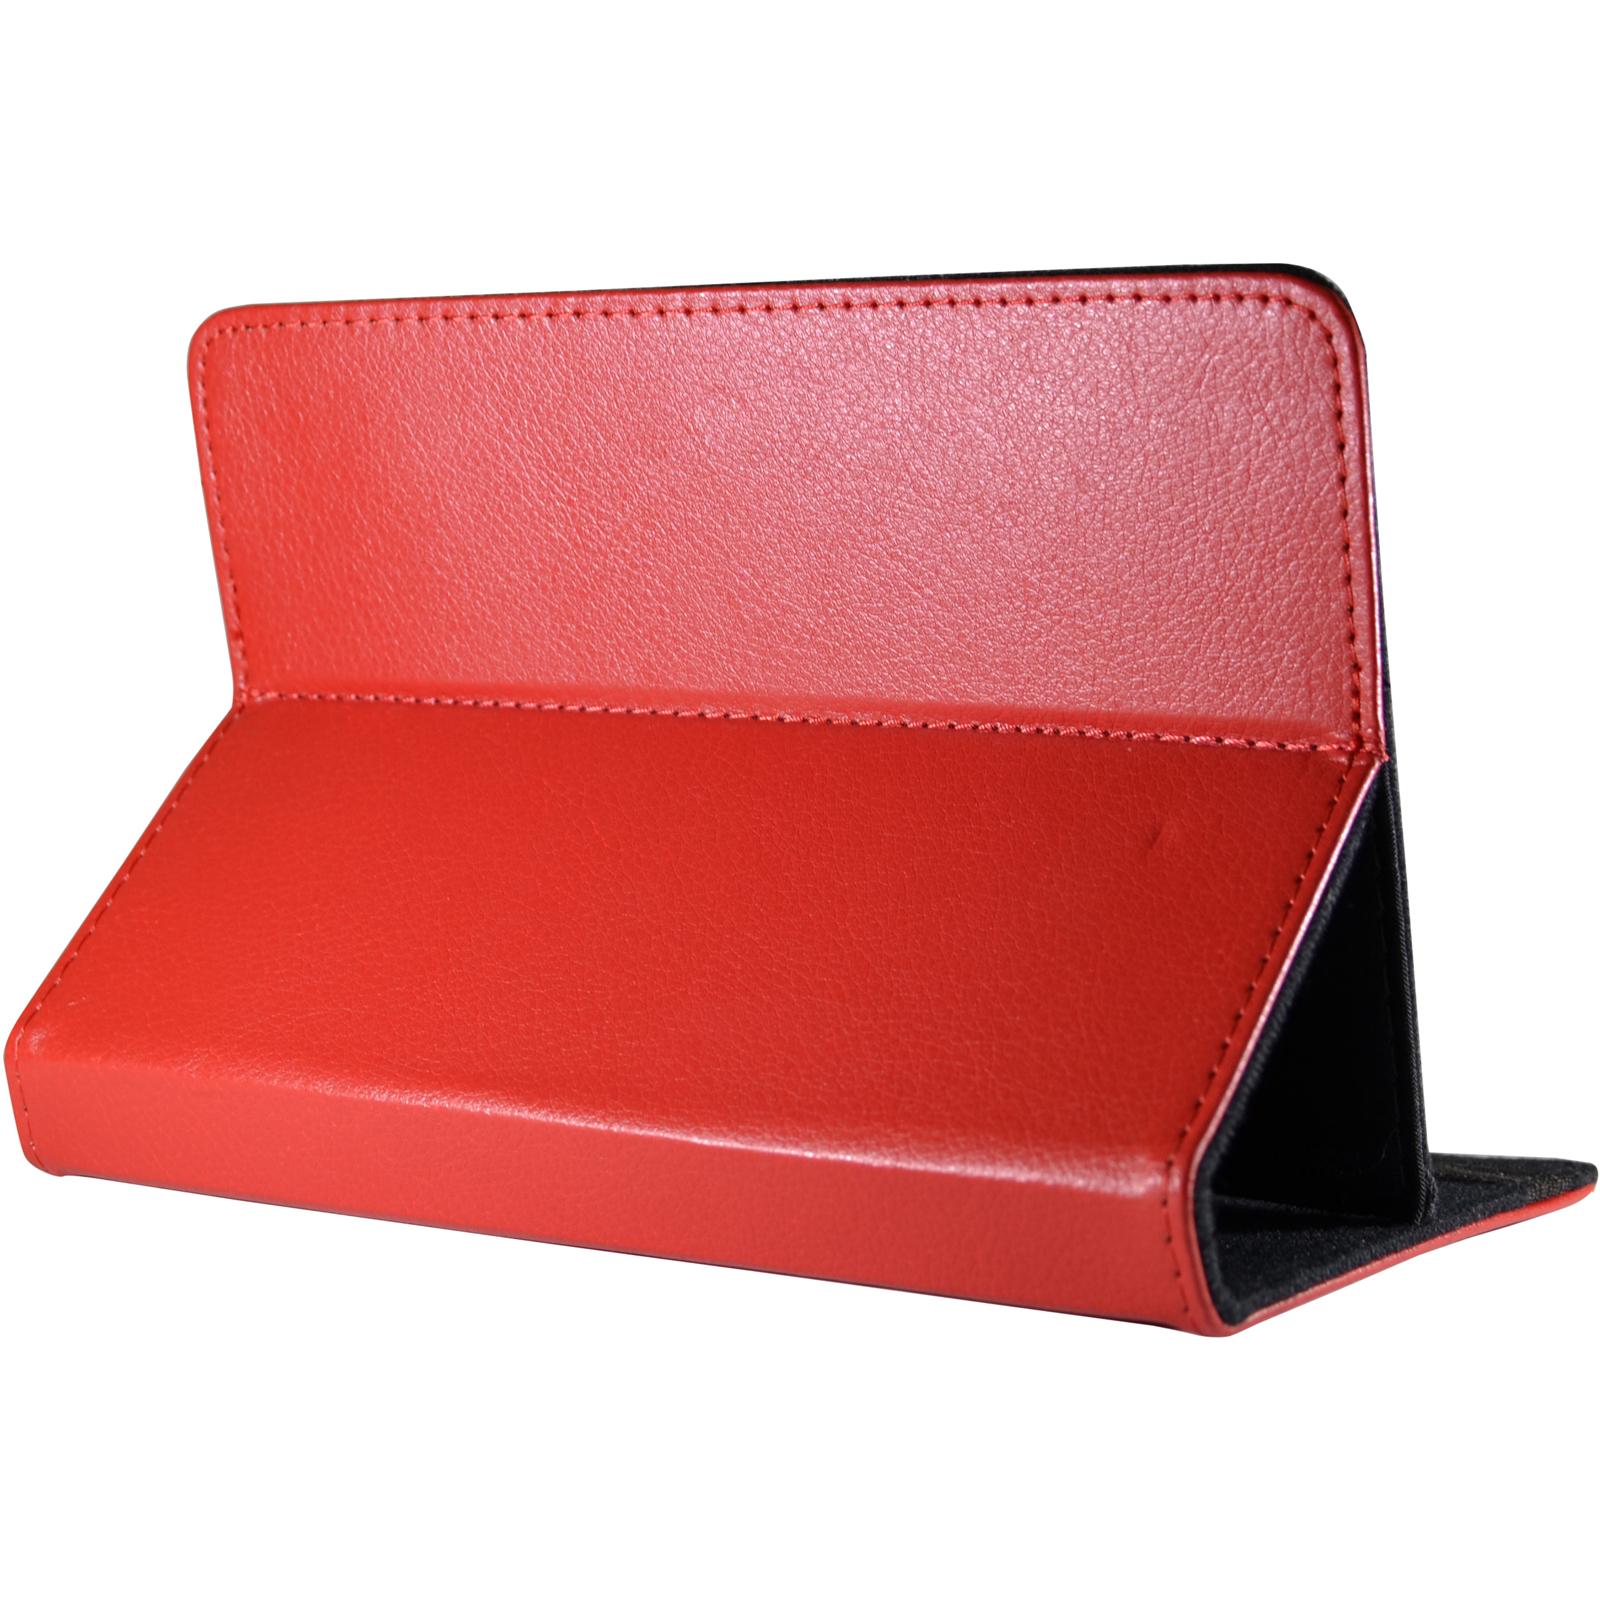 """Чехол для планшета Pro-case 10"""" универсальный case fits up red (UNS-022 r) изображение 4"""